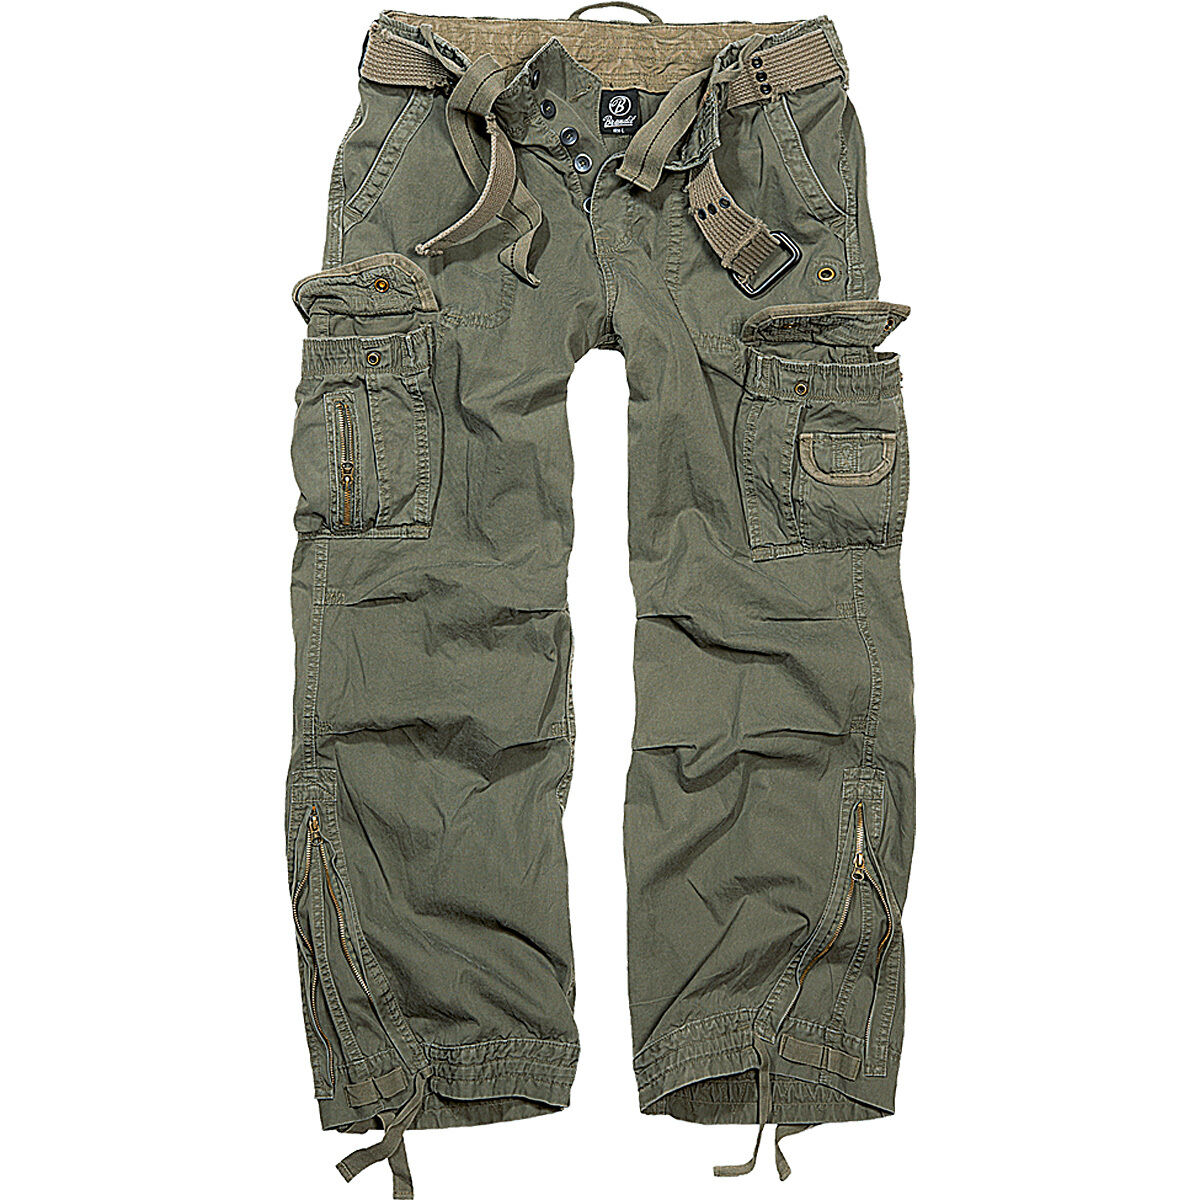 Brandit Royal Vintage Trouser S-7XL alle Farben uni tarn Premium Premium Premium Cargo Hose Army | Neuer Stil  | Verkauf  | Clearance Sale  | Stilvoll und lustig  | Spielzeug mit kindlichen Herzen herstellen  8d730e